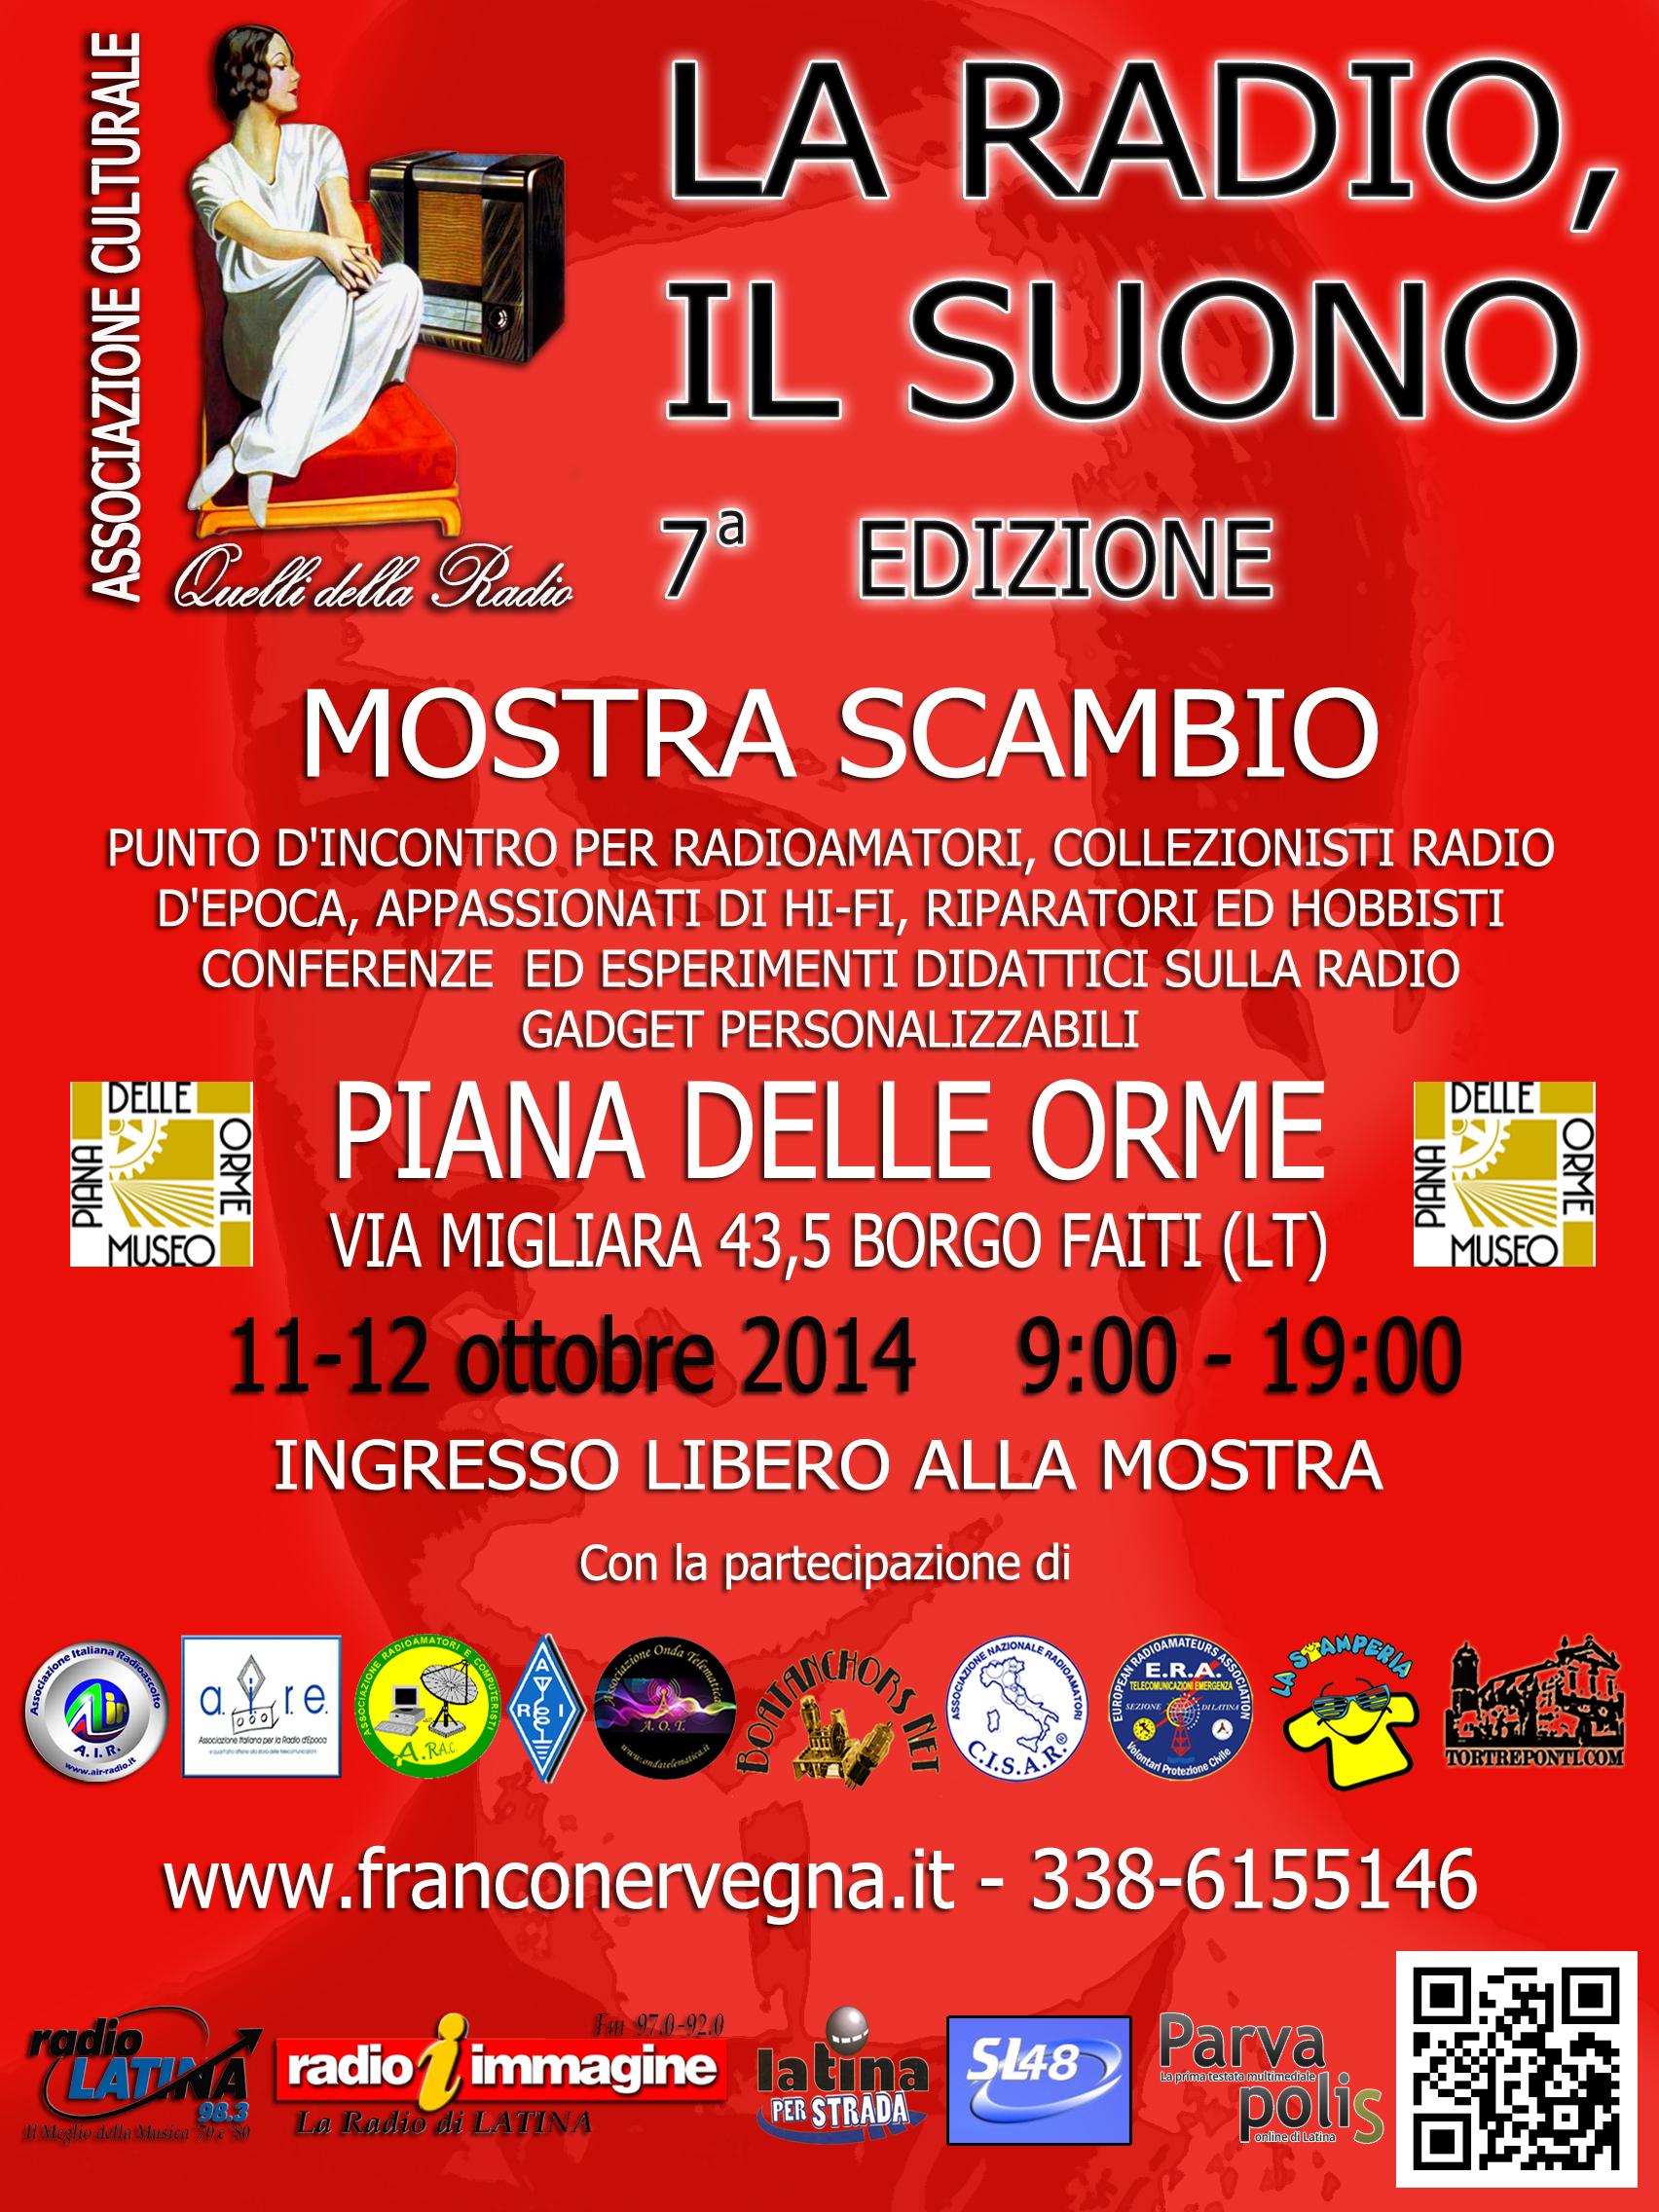 LA-RADIO-IL-SUONO-ottobre-2014-21-08-2014-copia